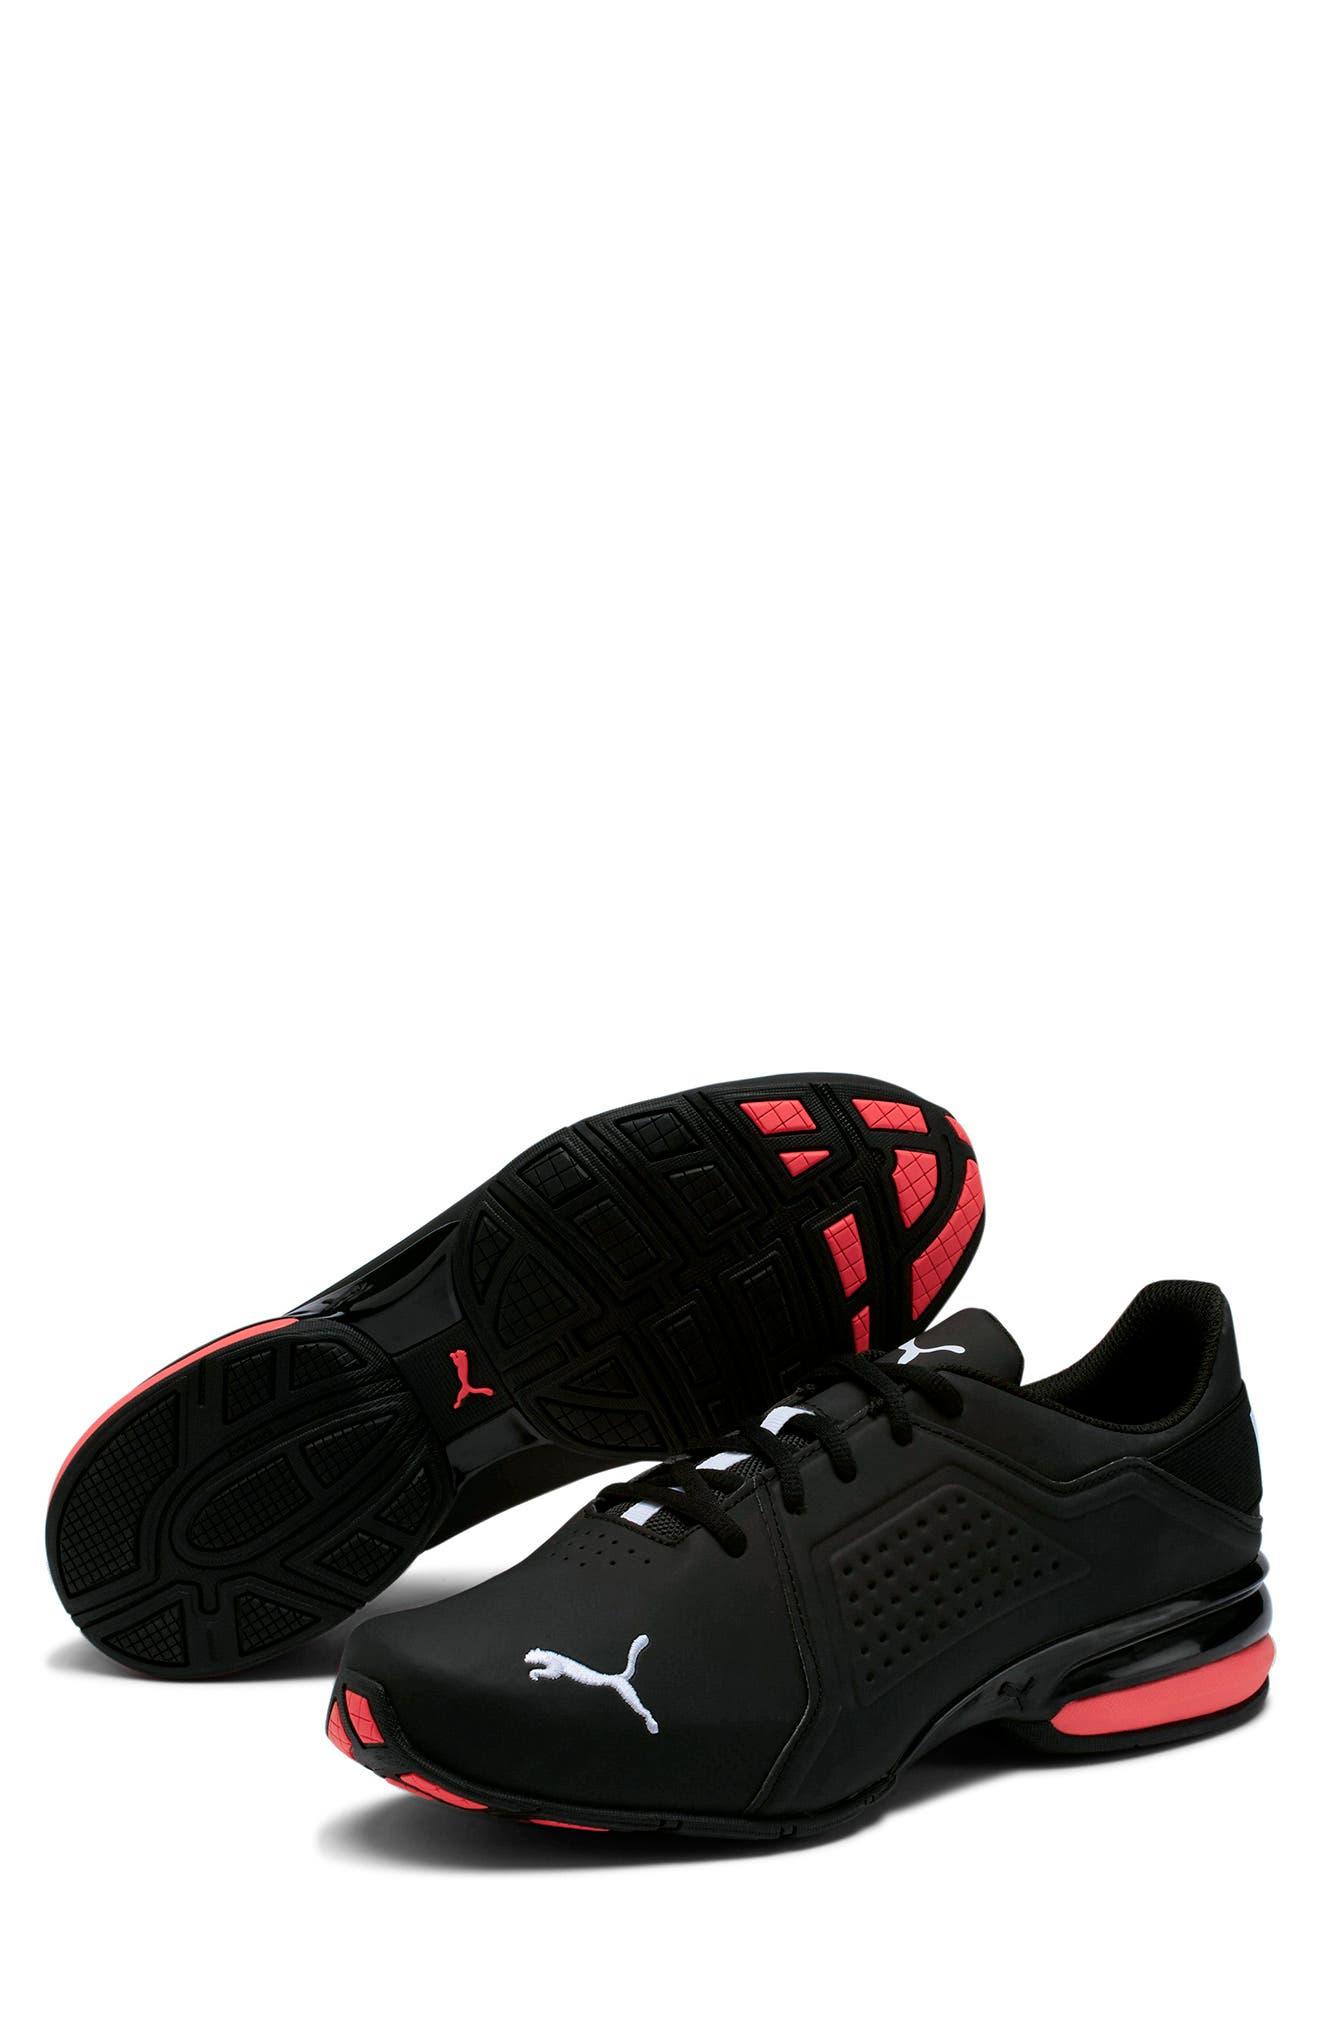 Puma Viz Runner Wide Sneaker In Black- White | ModeSens